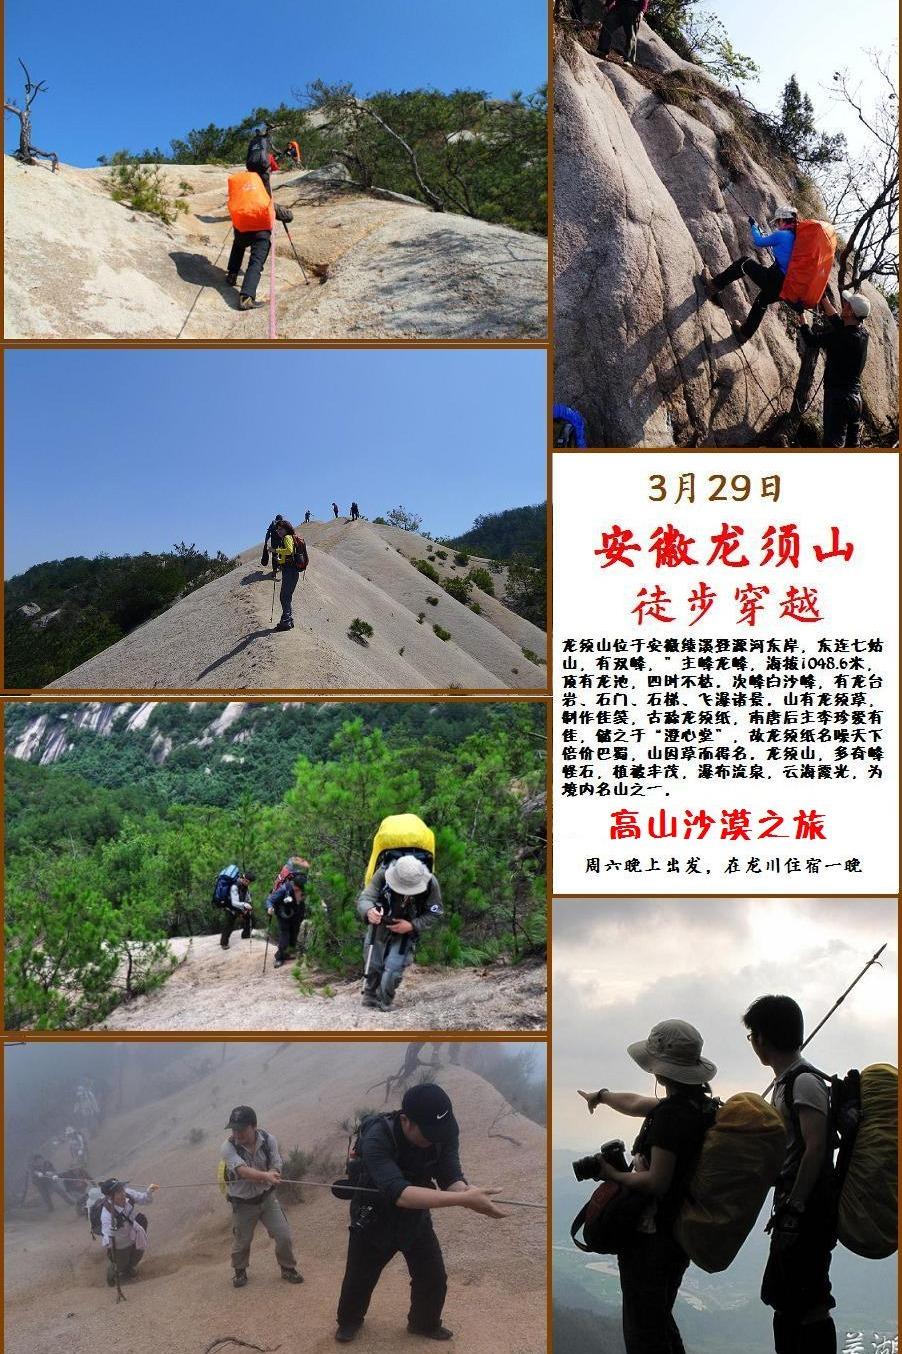 29日,龙须山徒步出穿越,体验高山沙漠之旅!